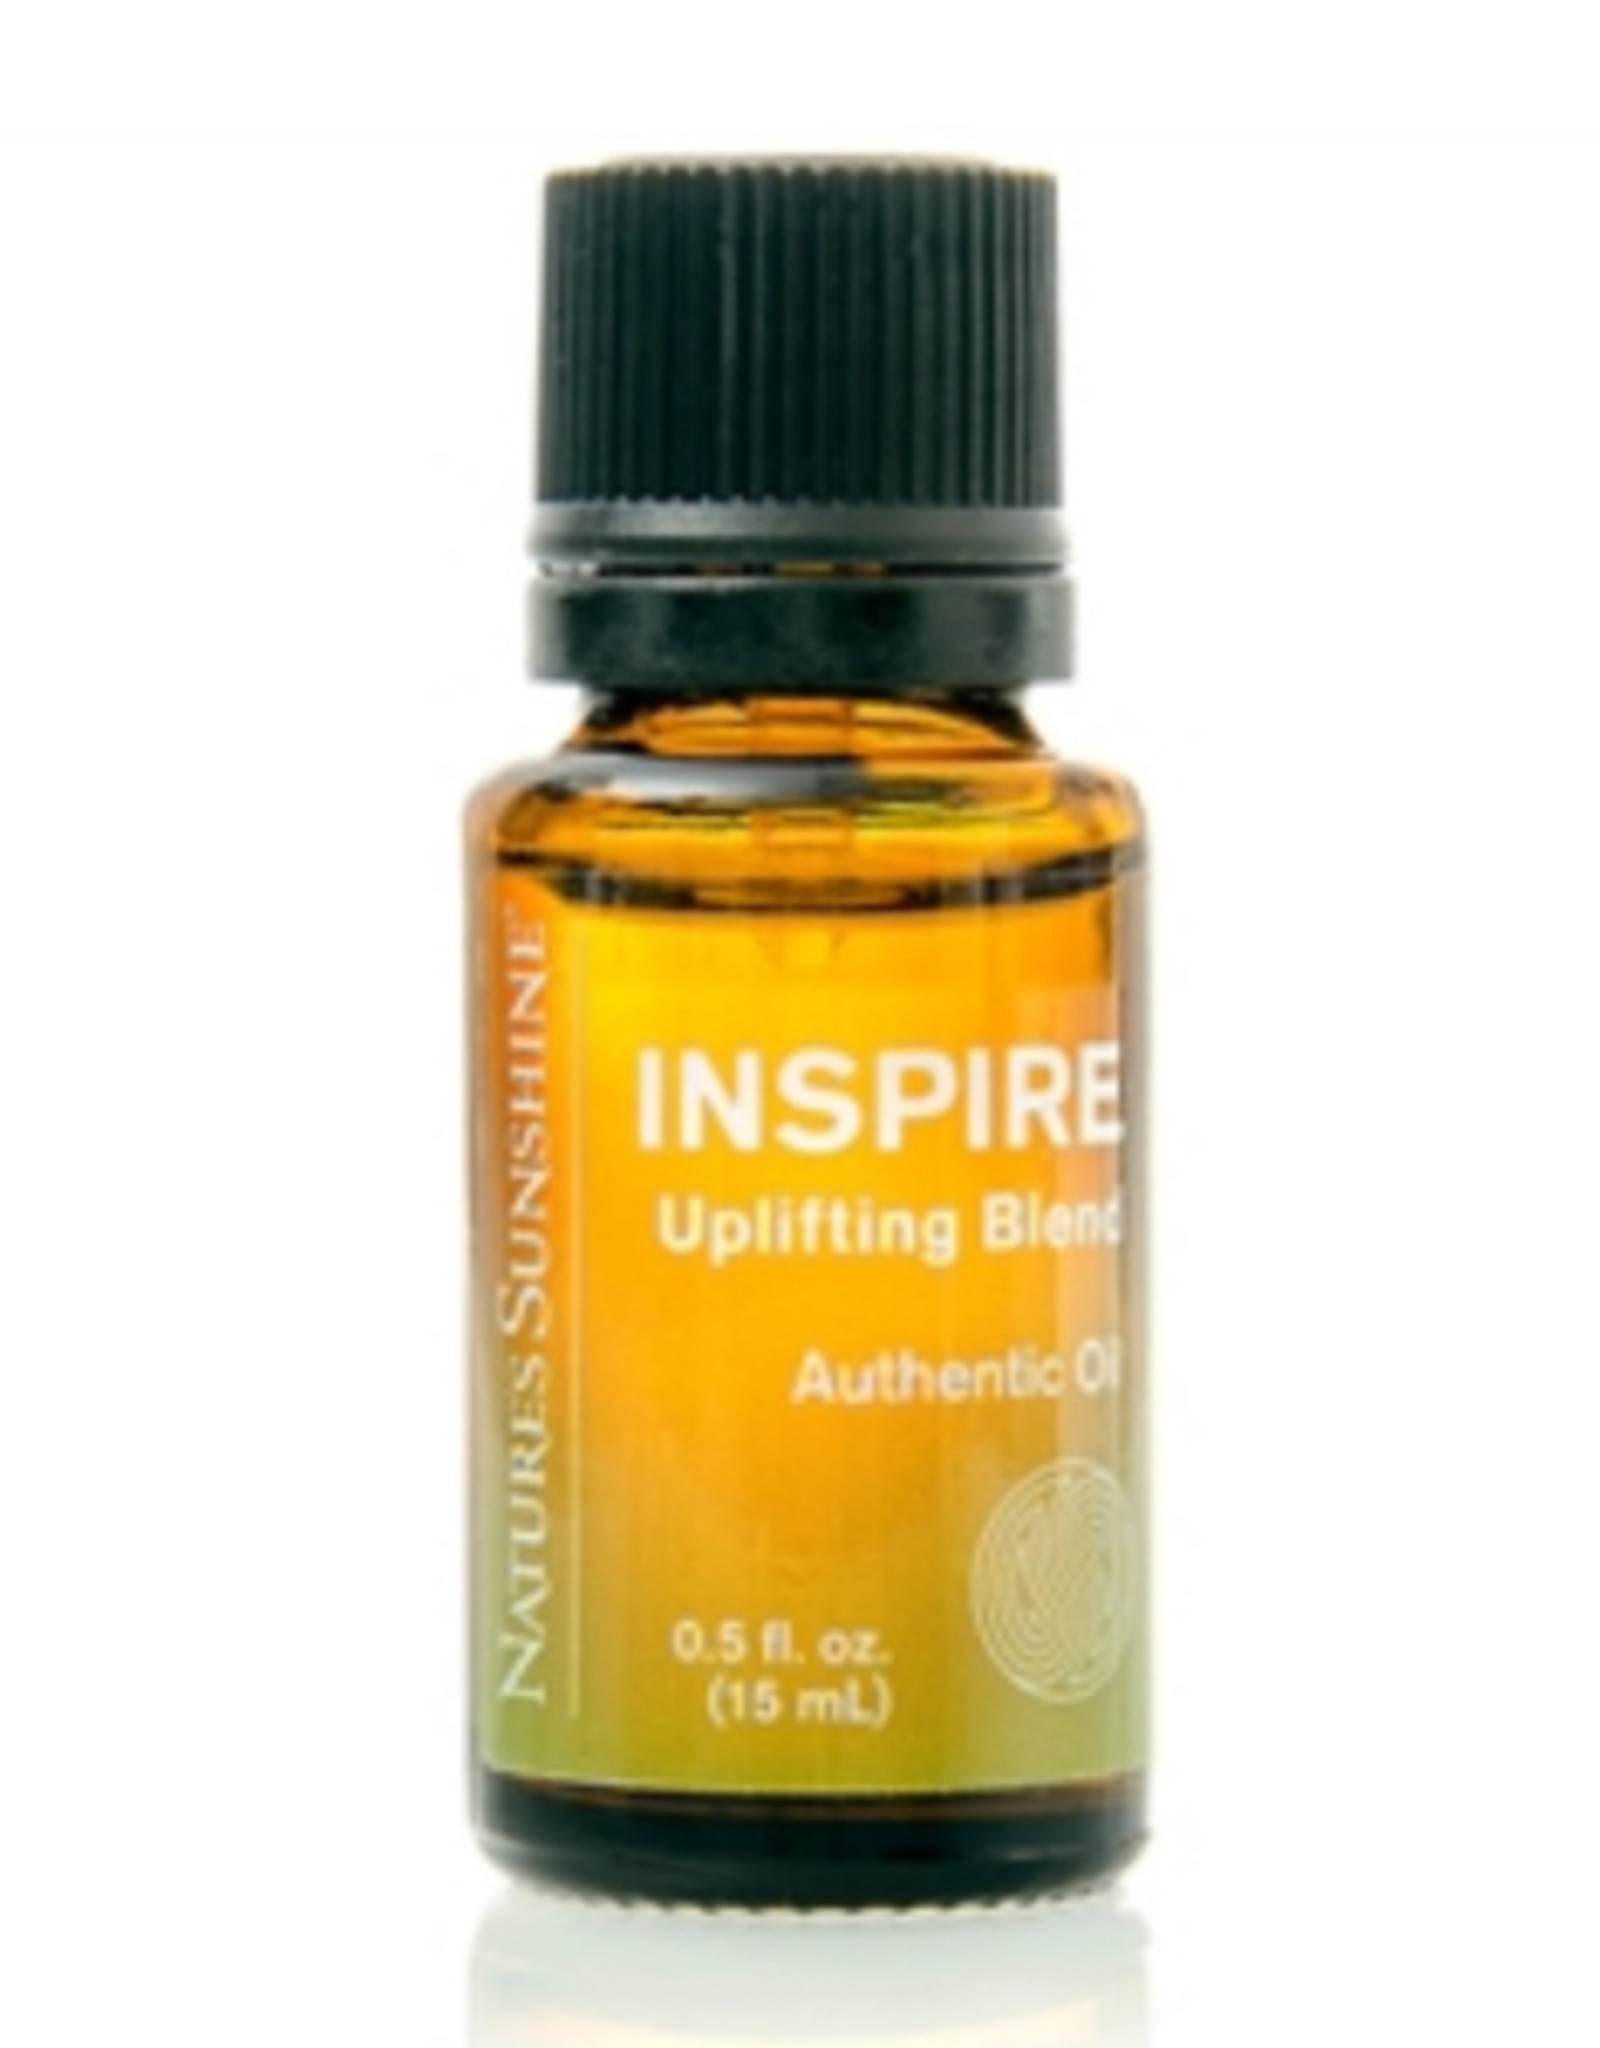 Nature's Sunshine Inspire (15 ml)